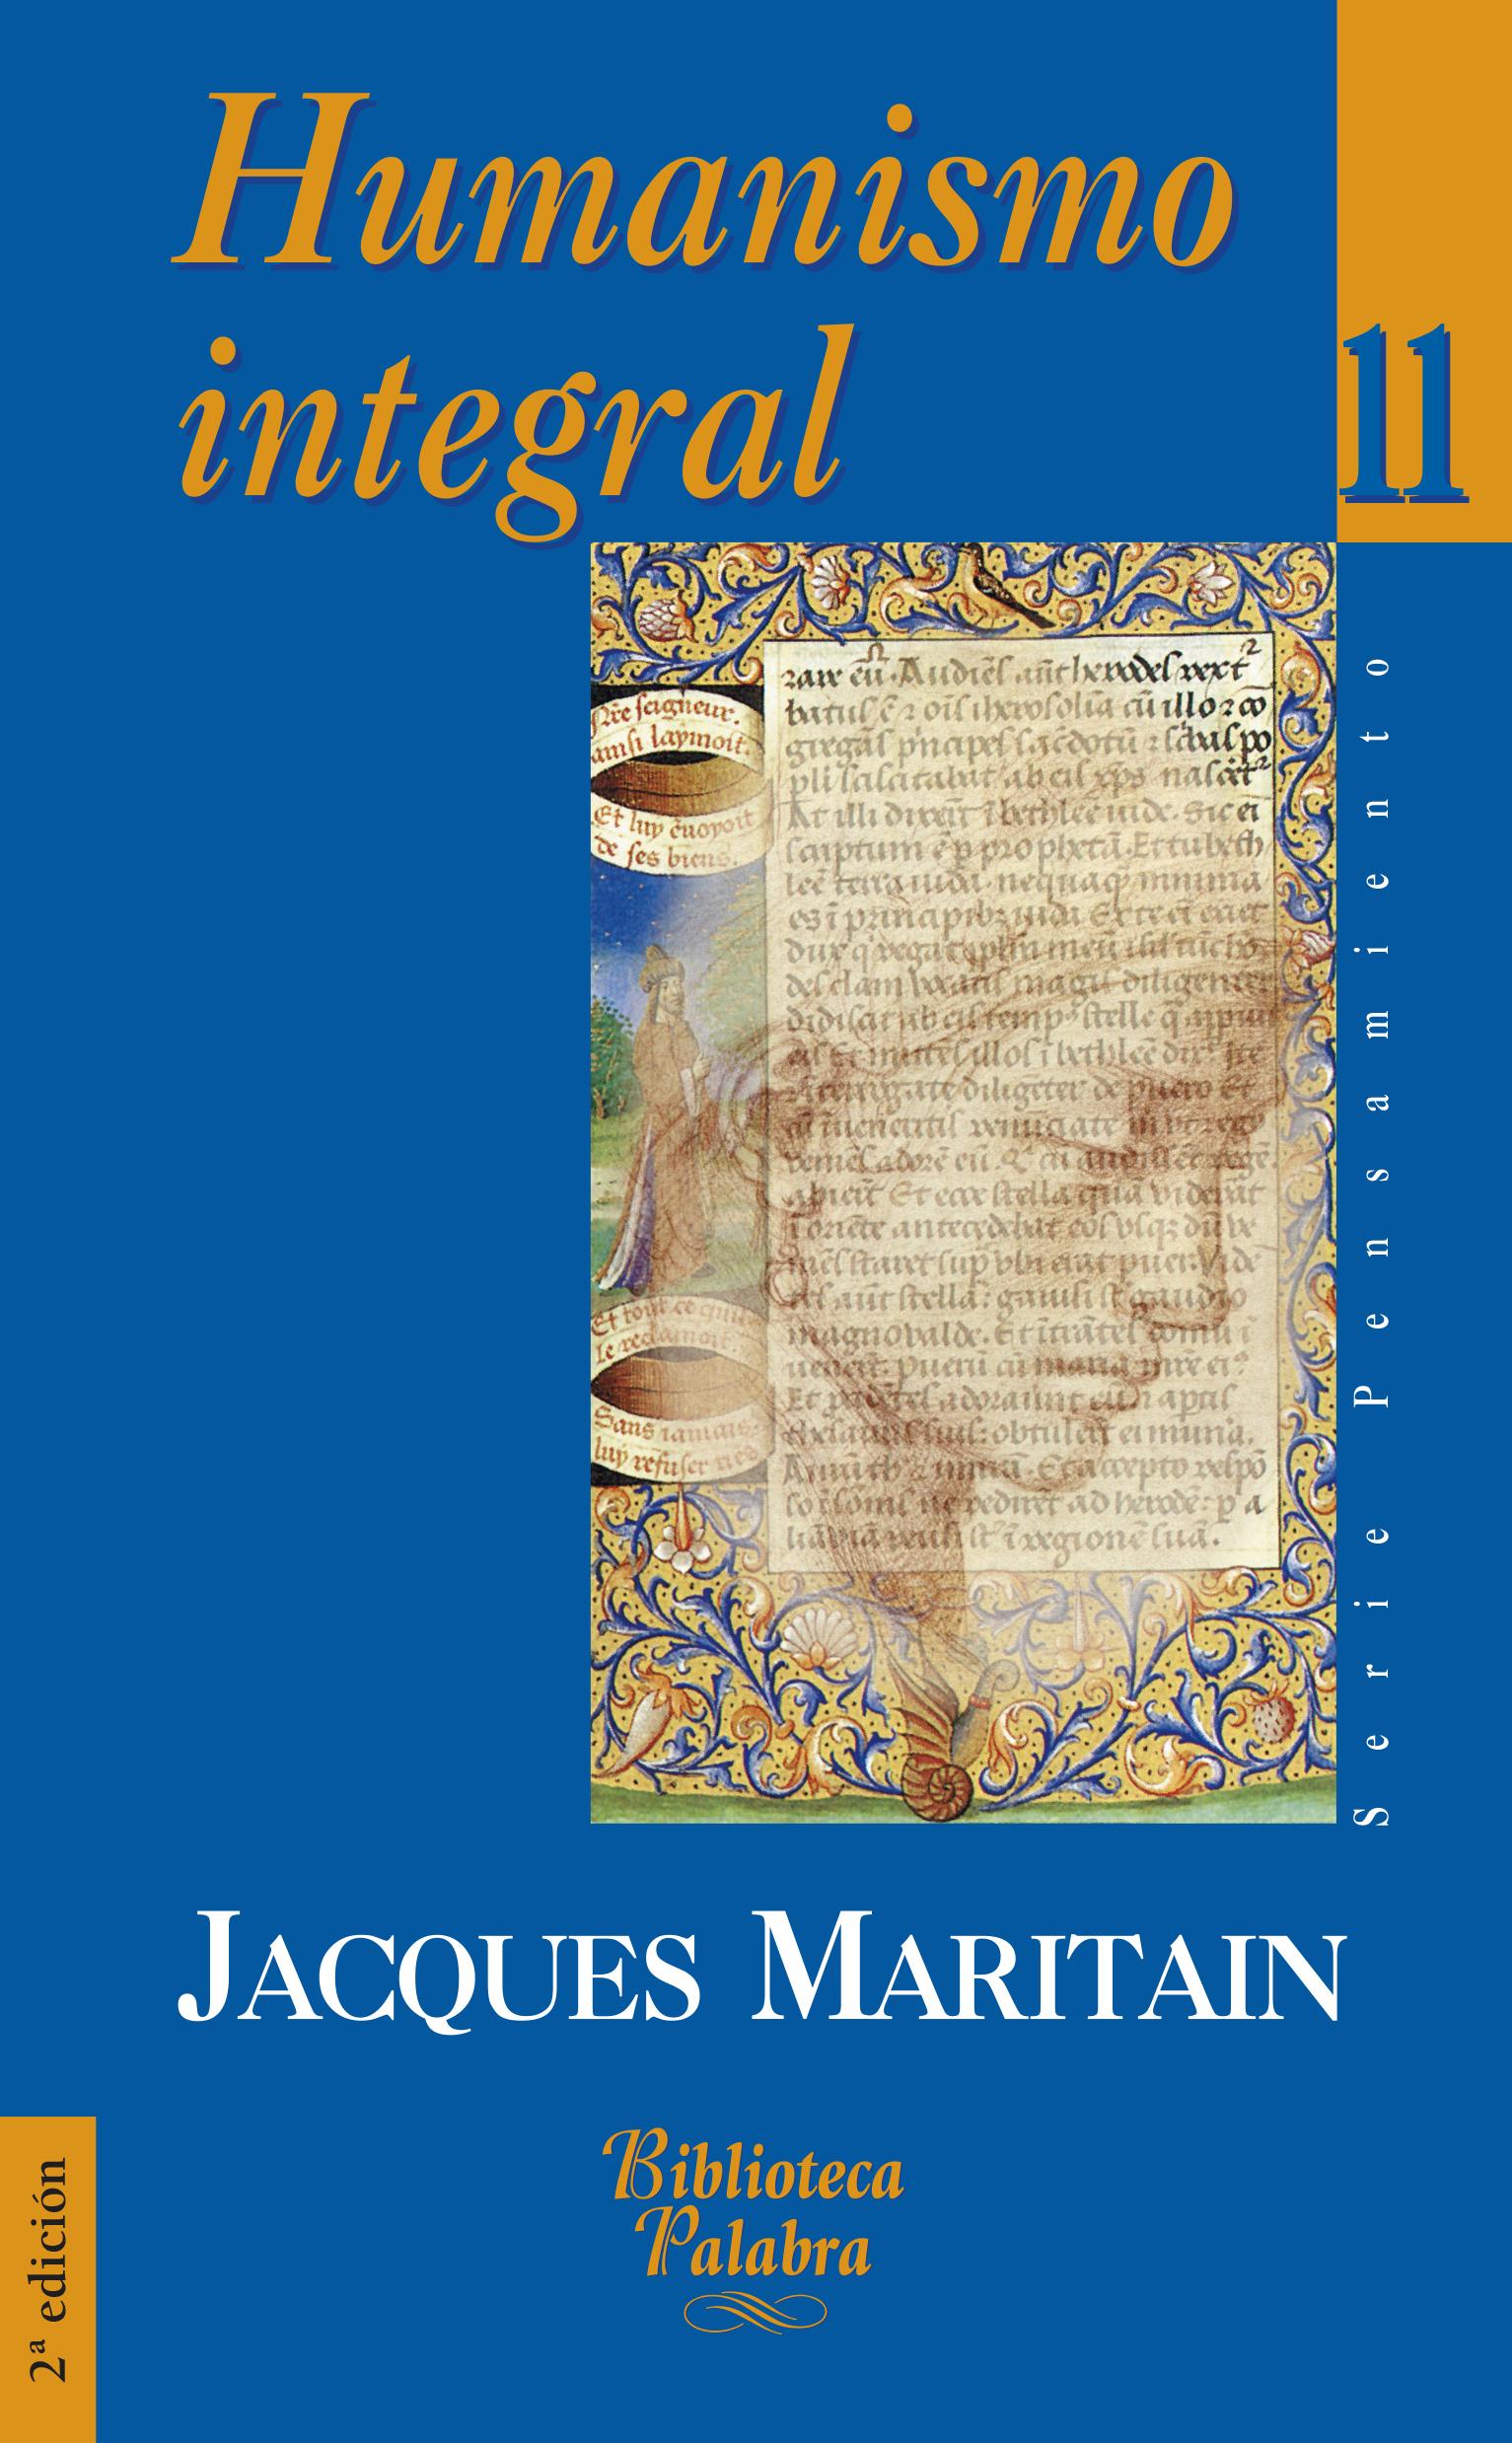 Libro: Humanismo integral de Jacques Maritain